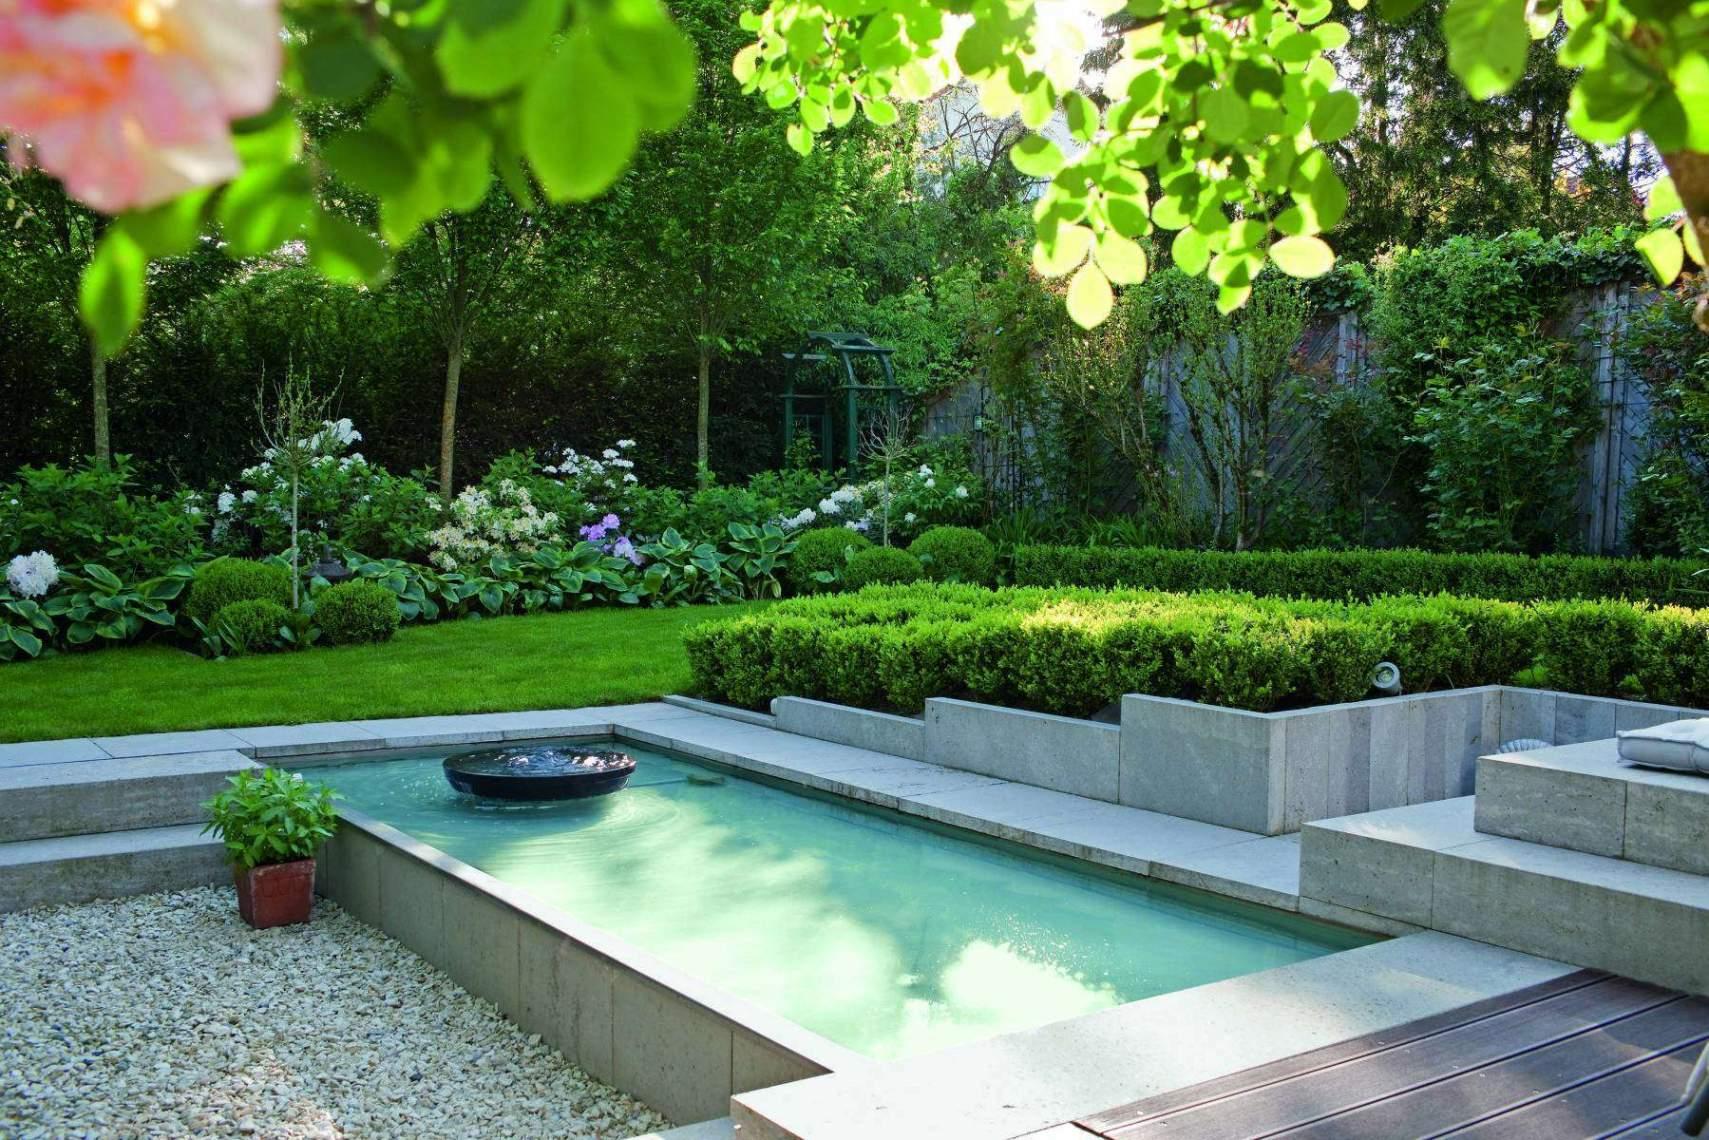 Gartenideen Für Kleine Gärten Reizend Kleine Pools Für Kleine Gärten — Temobardz Home Blog